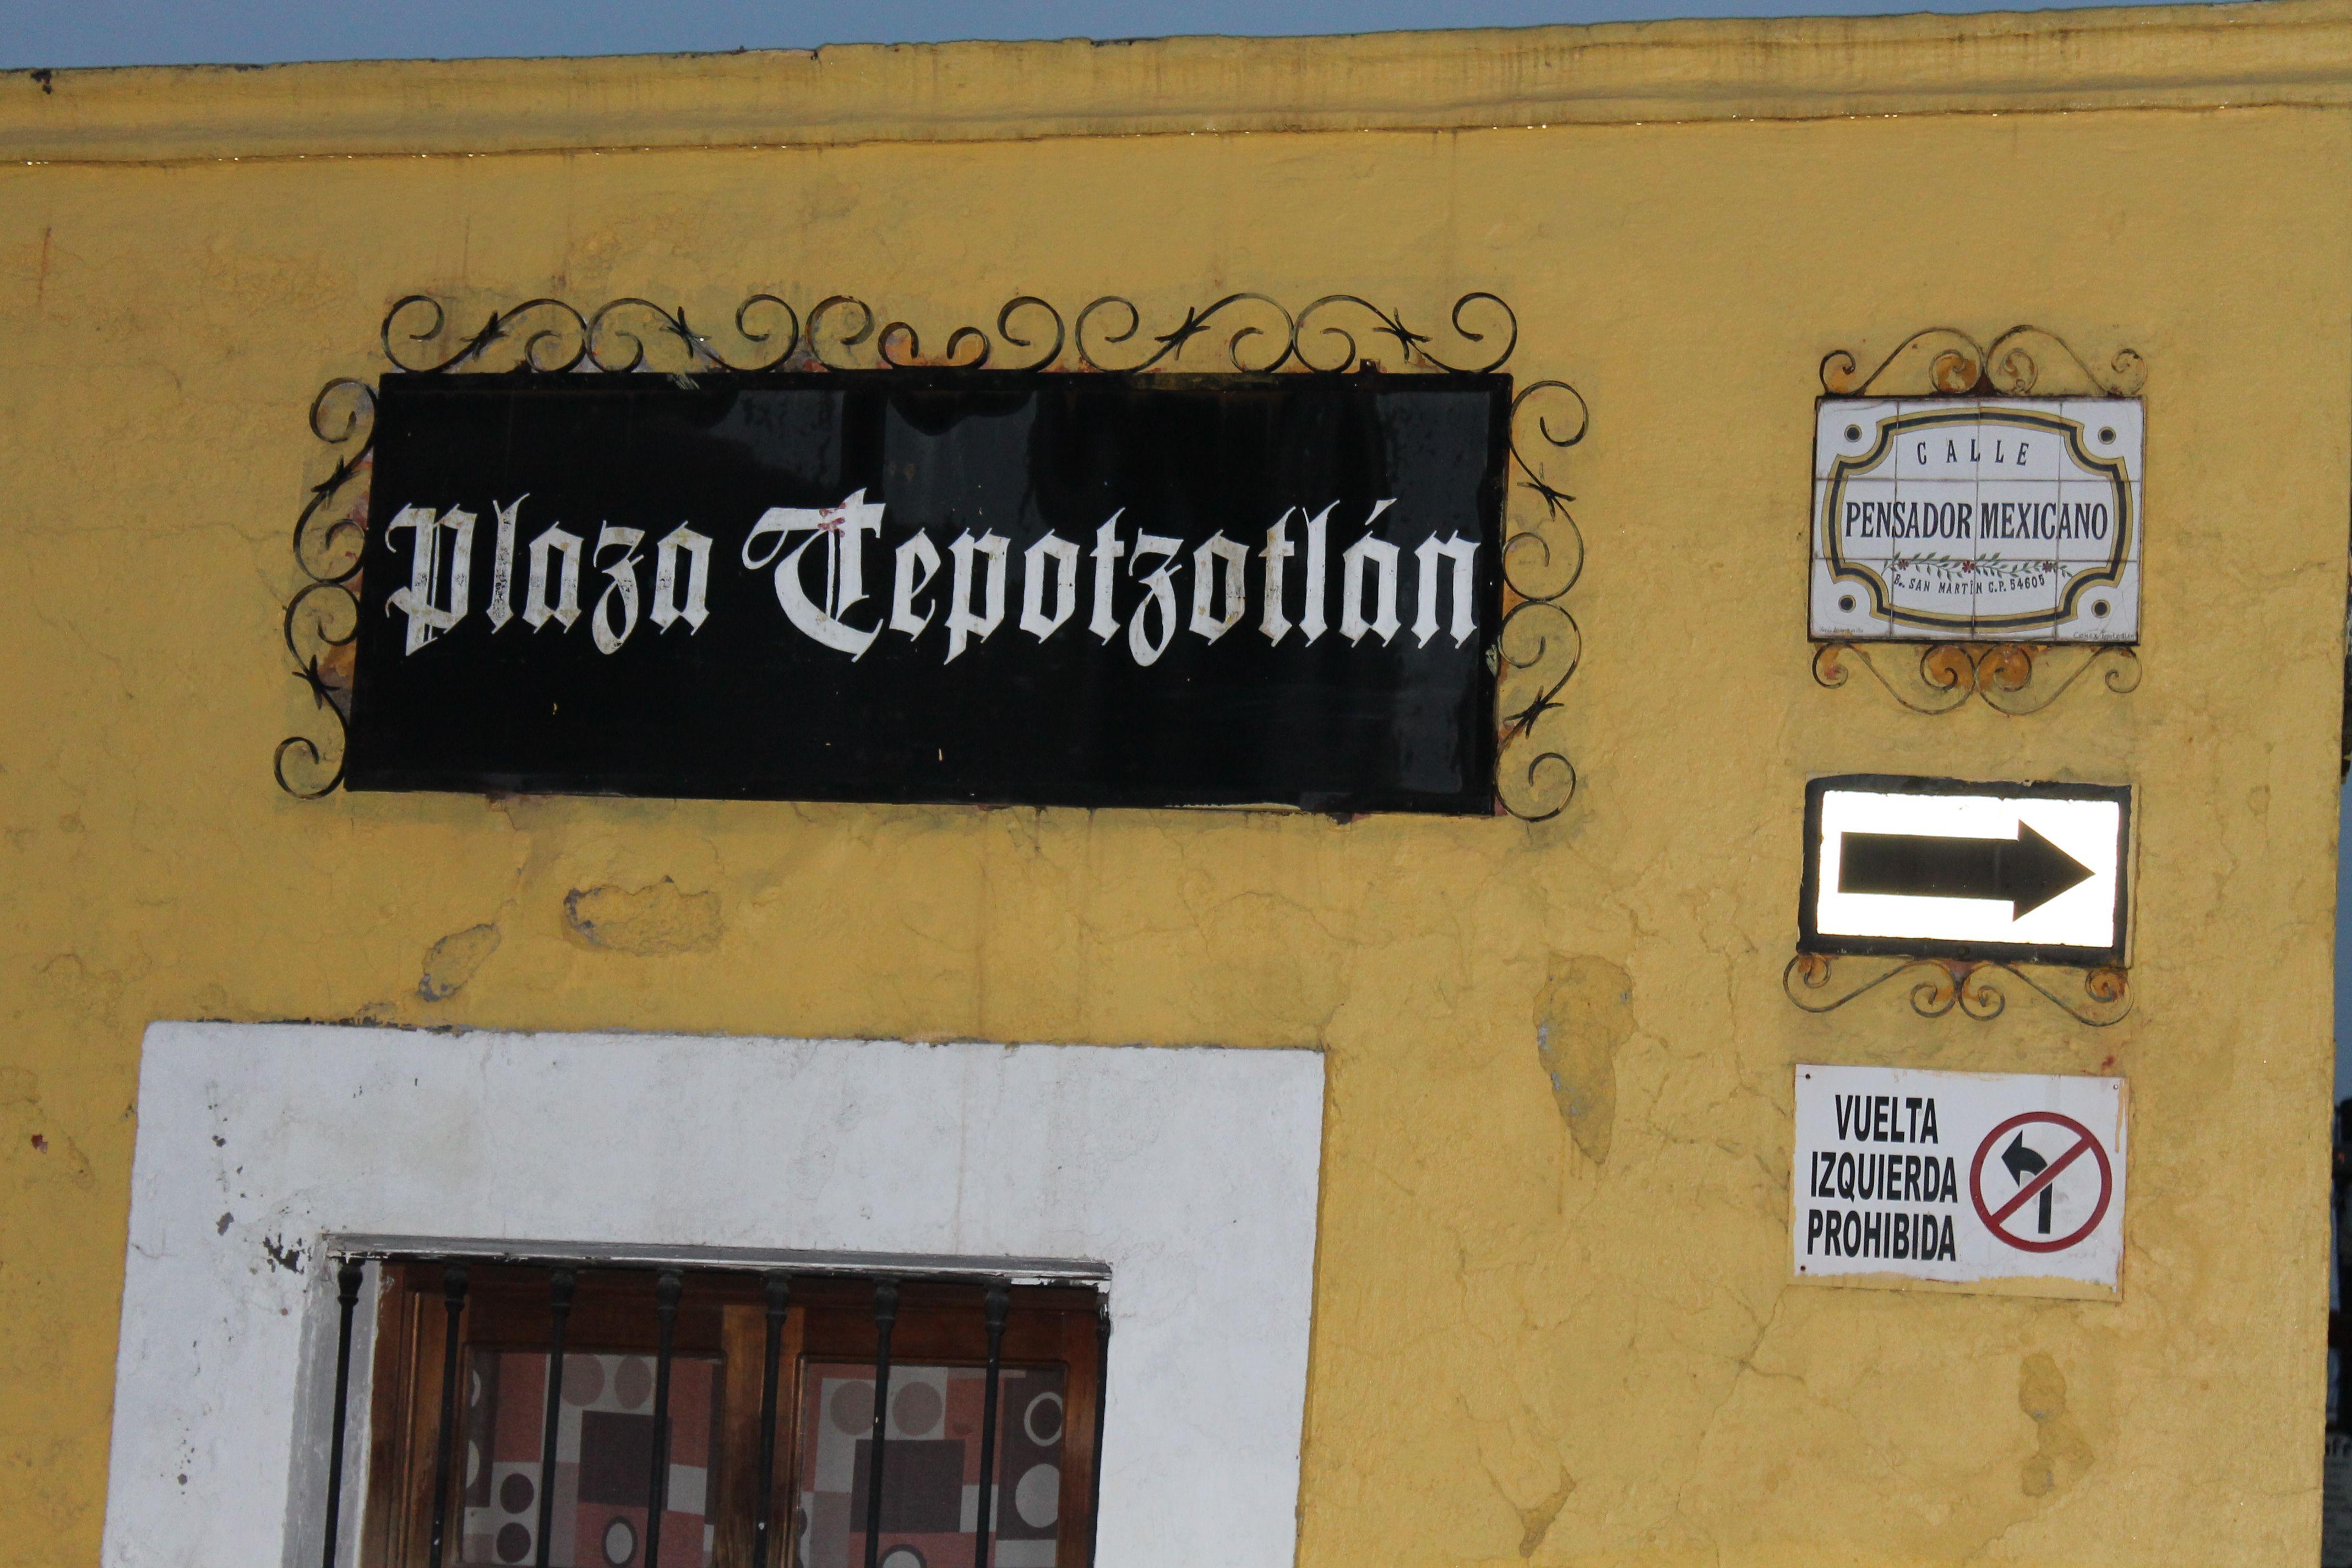 Tienda En esta tienda que esta en la plaza de tepotzotlán, se puede comprar artesanias tradicionales. Los pueblos magicos como este tienen aun el problema si conservar el lado estetico de los pueblos para el turismo o dejar que se transforme el lugar para el bienestar de todos los habitantes, por que el paisaje es el contacto del hombre con el medio.